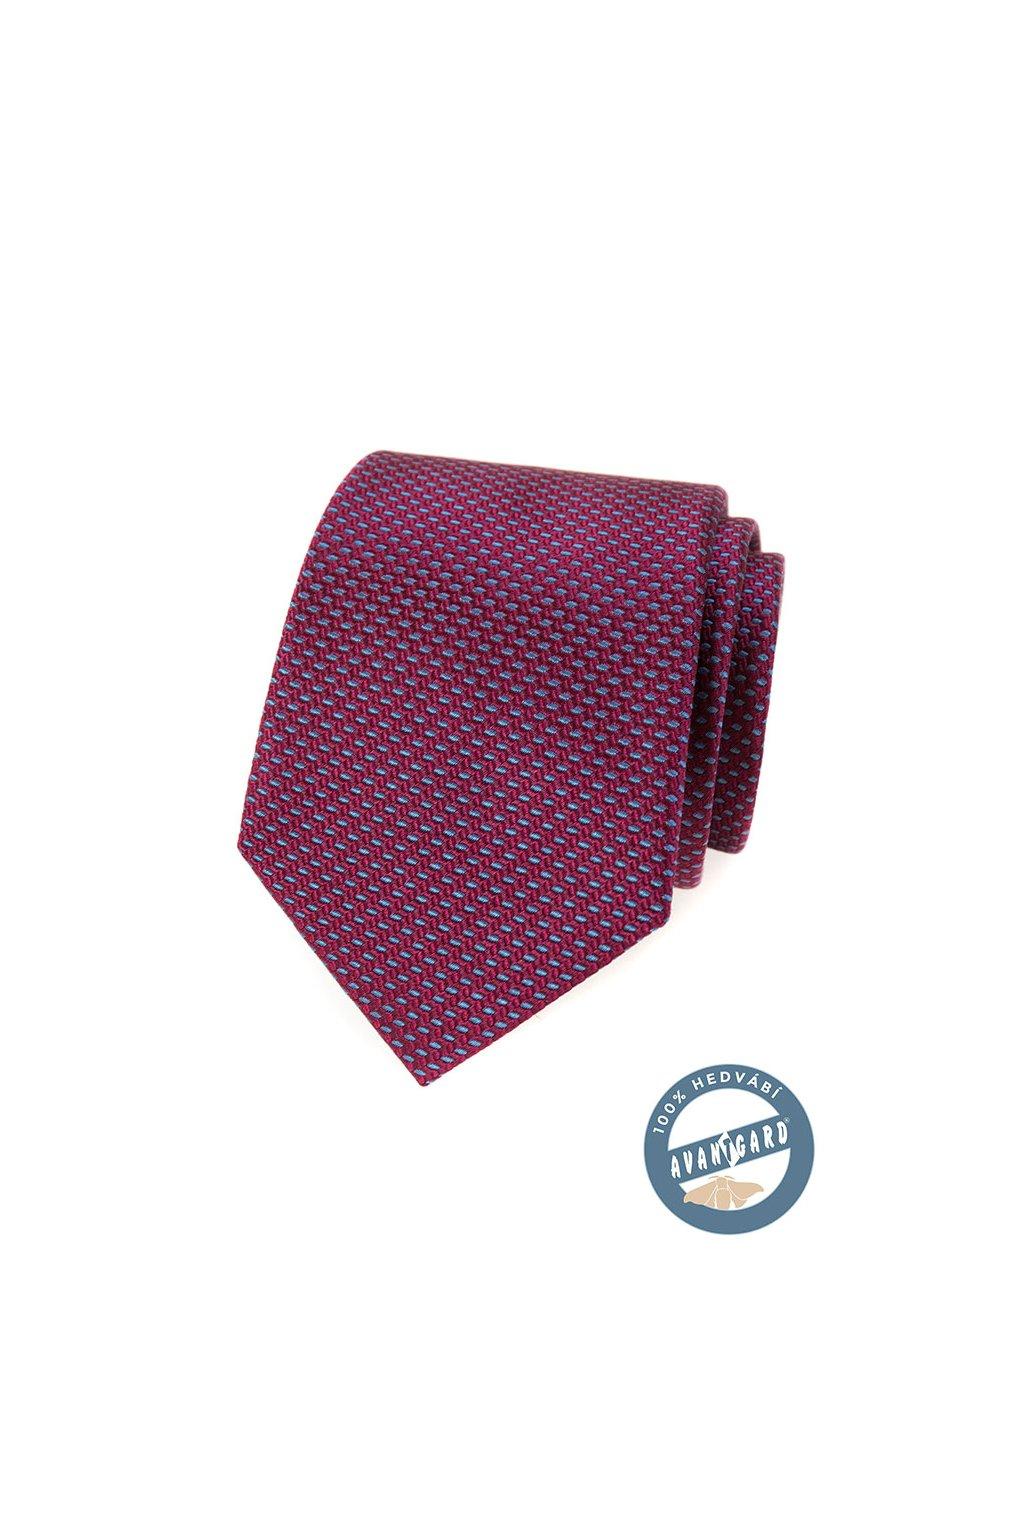 Kravata hedvábná v dárkové krabičce bordó 621 - 7752